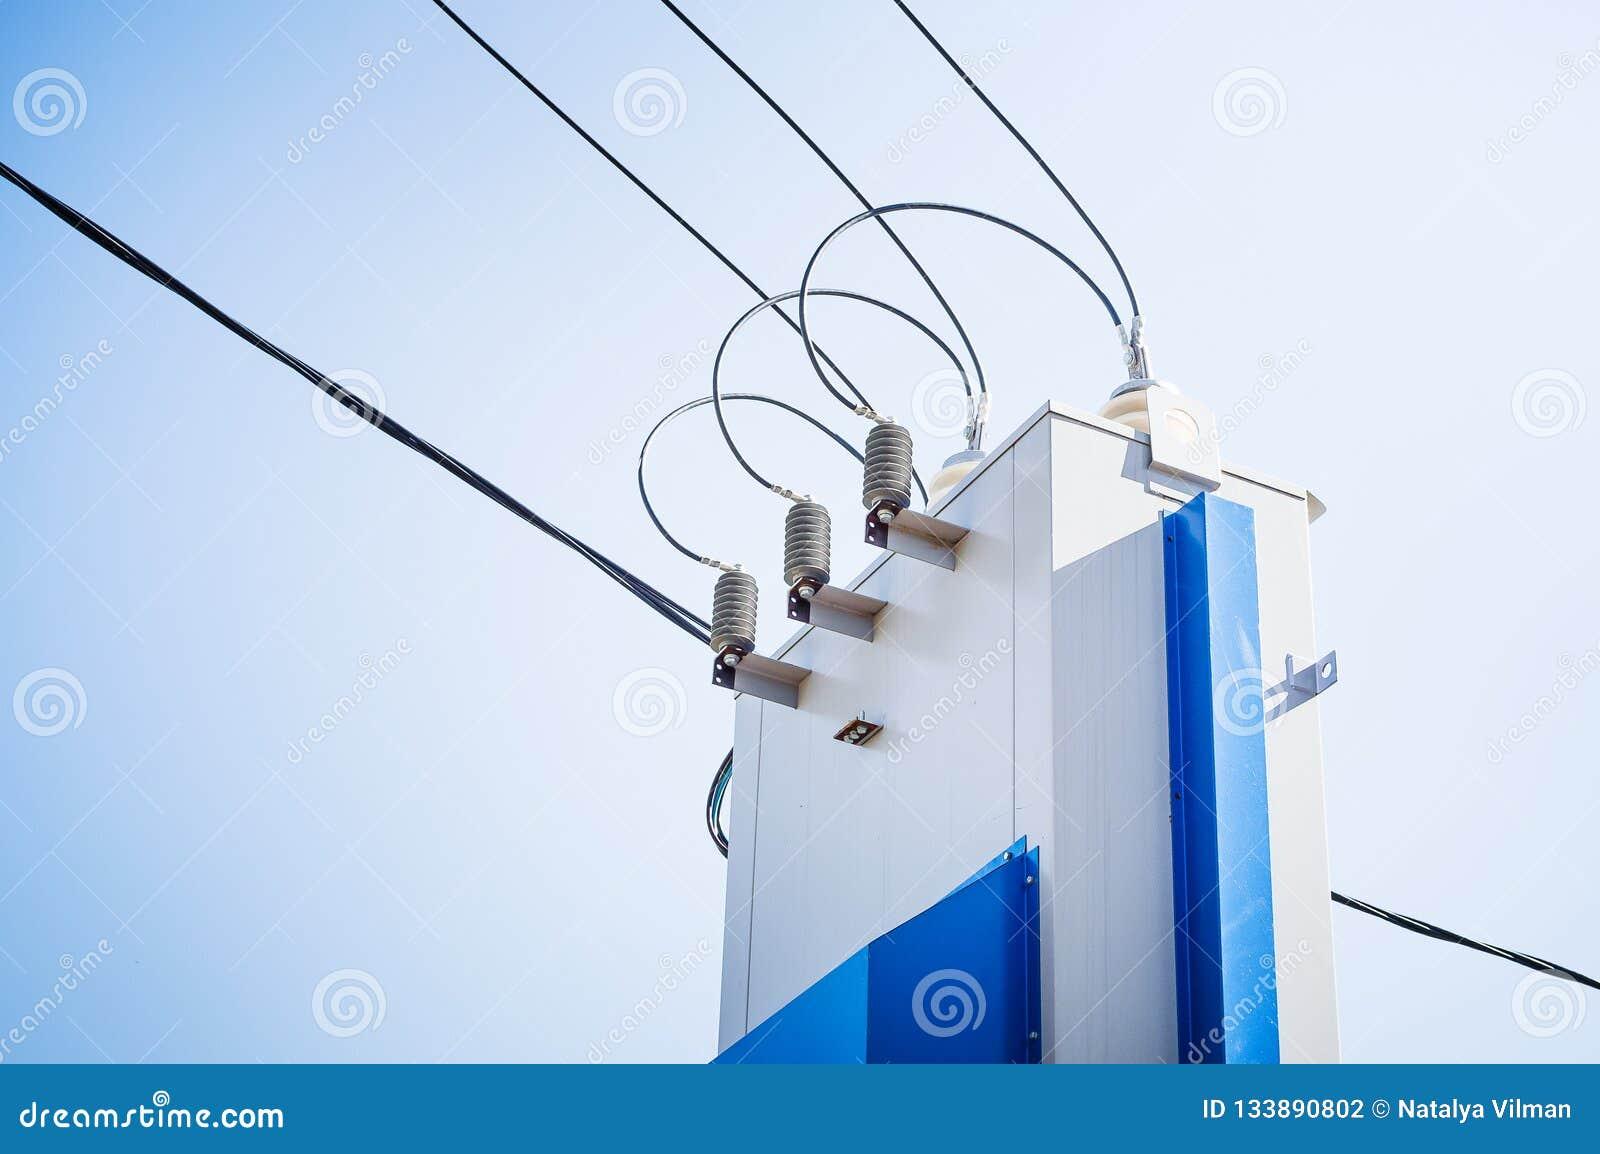 Elektrische raad met draden met hoog voltage tegen de blauwe hemel